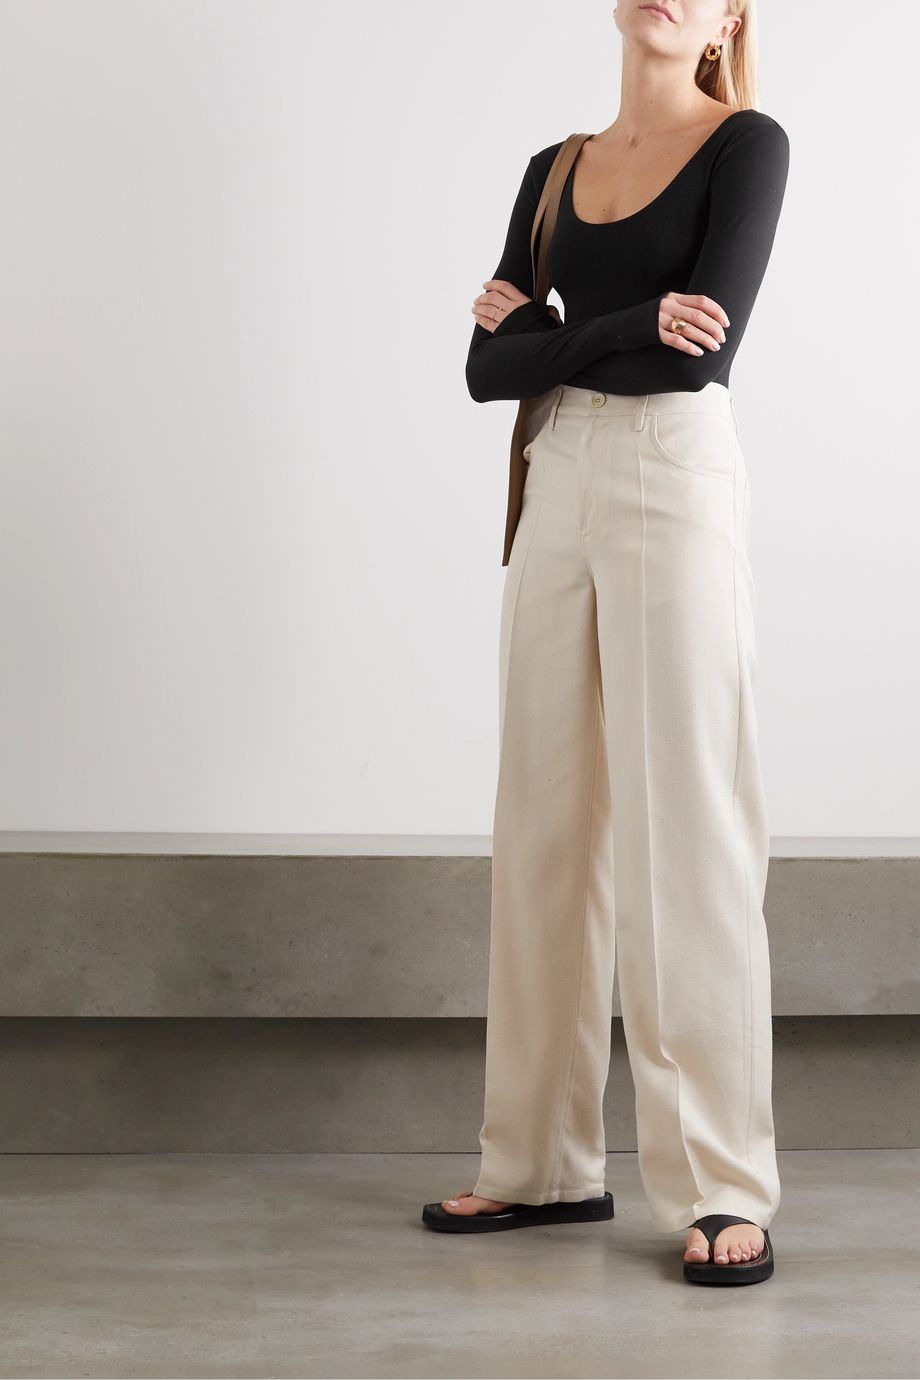 calé Lena stretch-jersey bodysuit